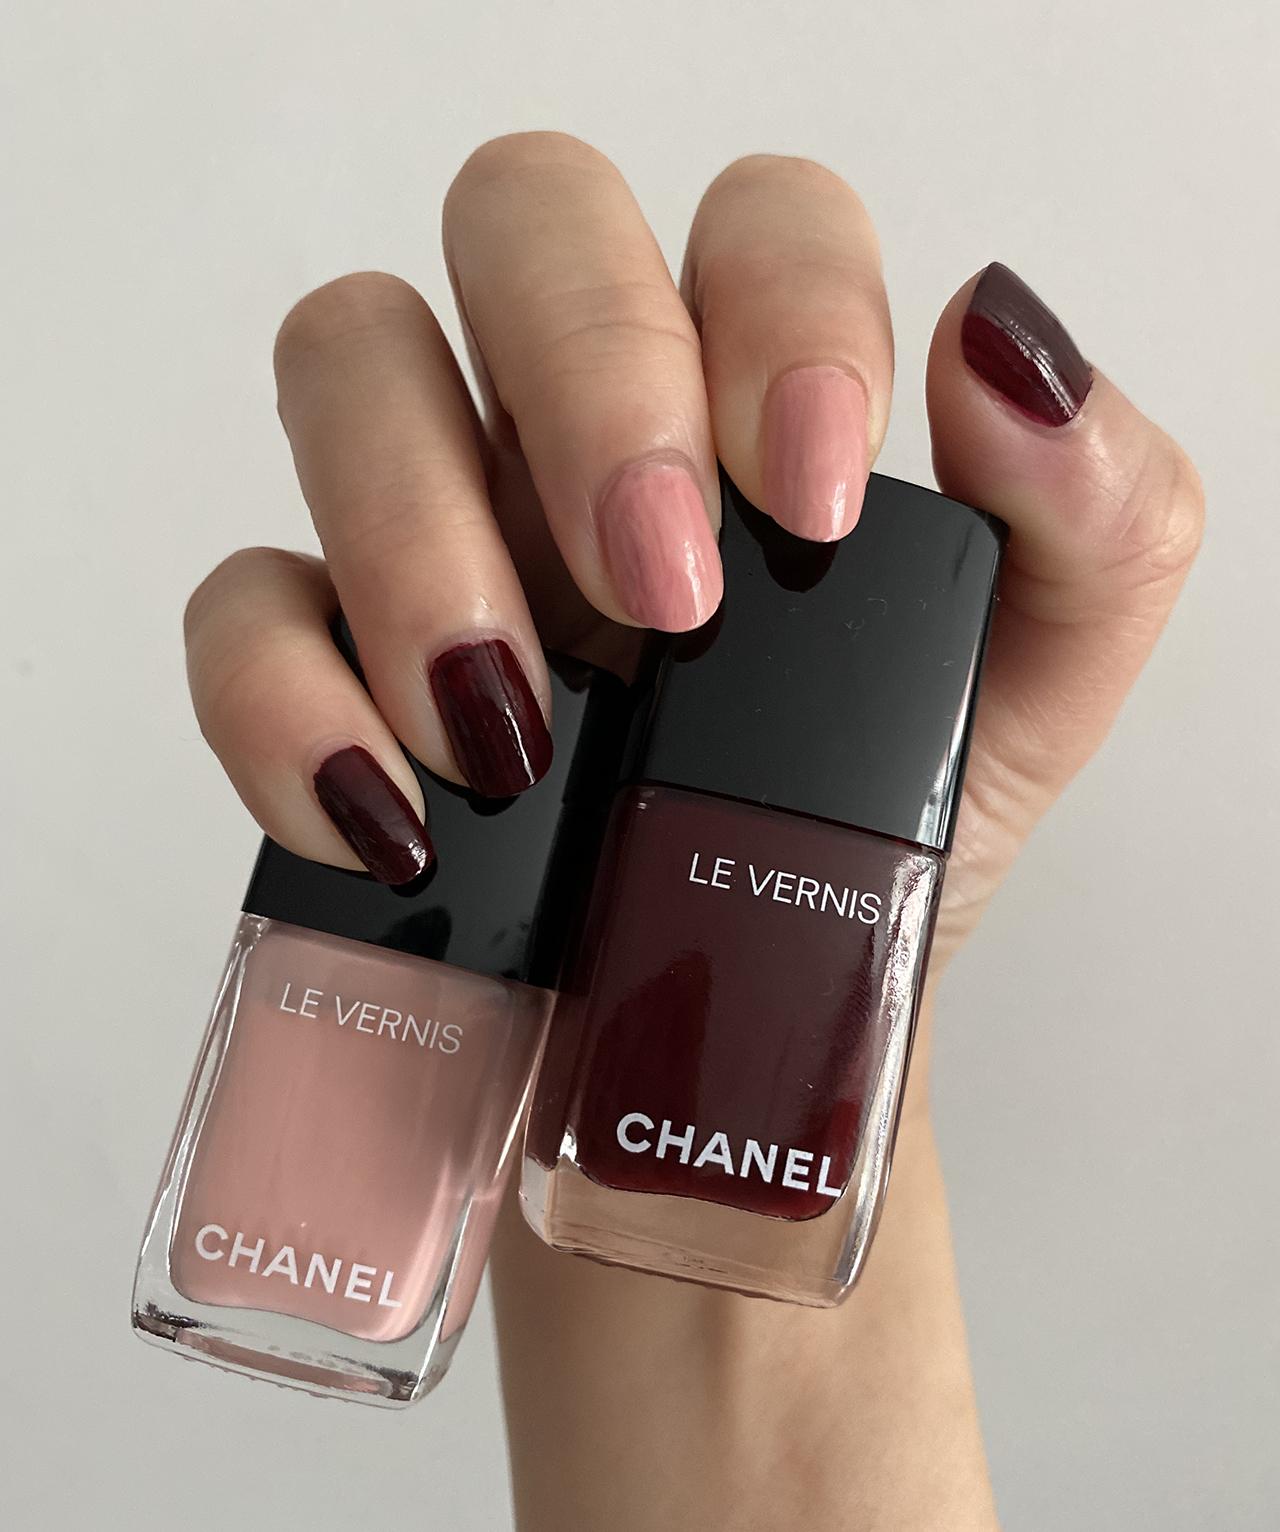 Chanel Le Vernis 765 Interdit & 769 Egerie swatches